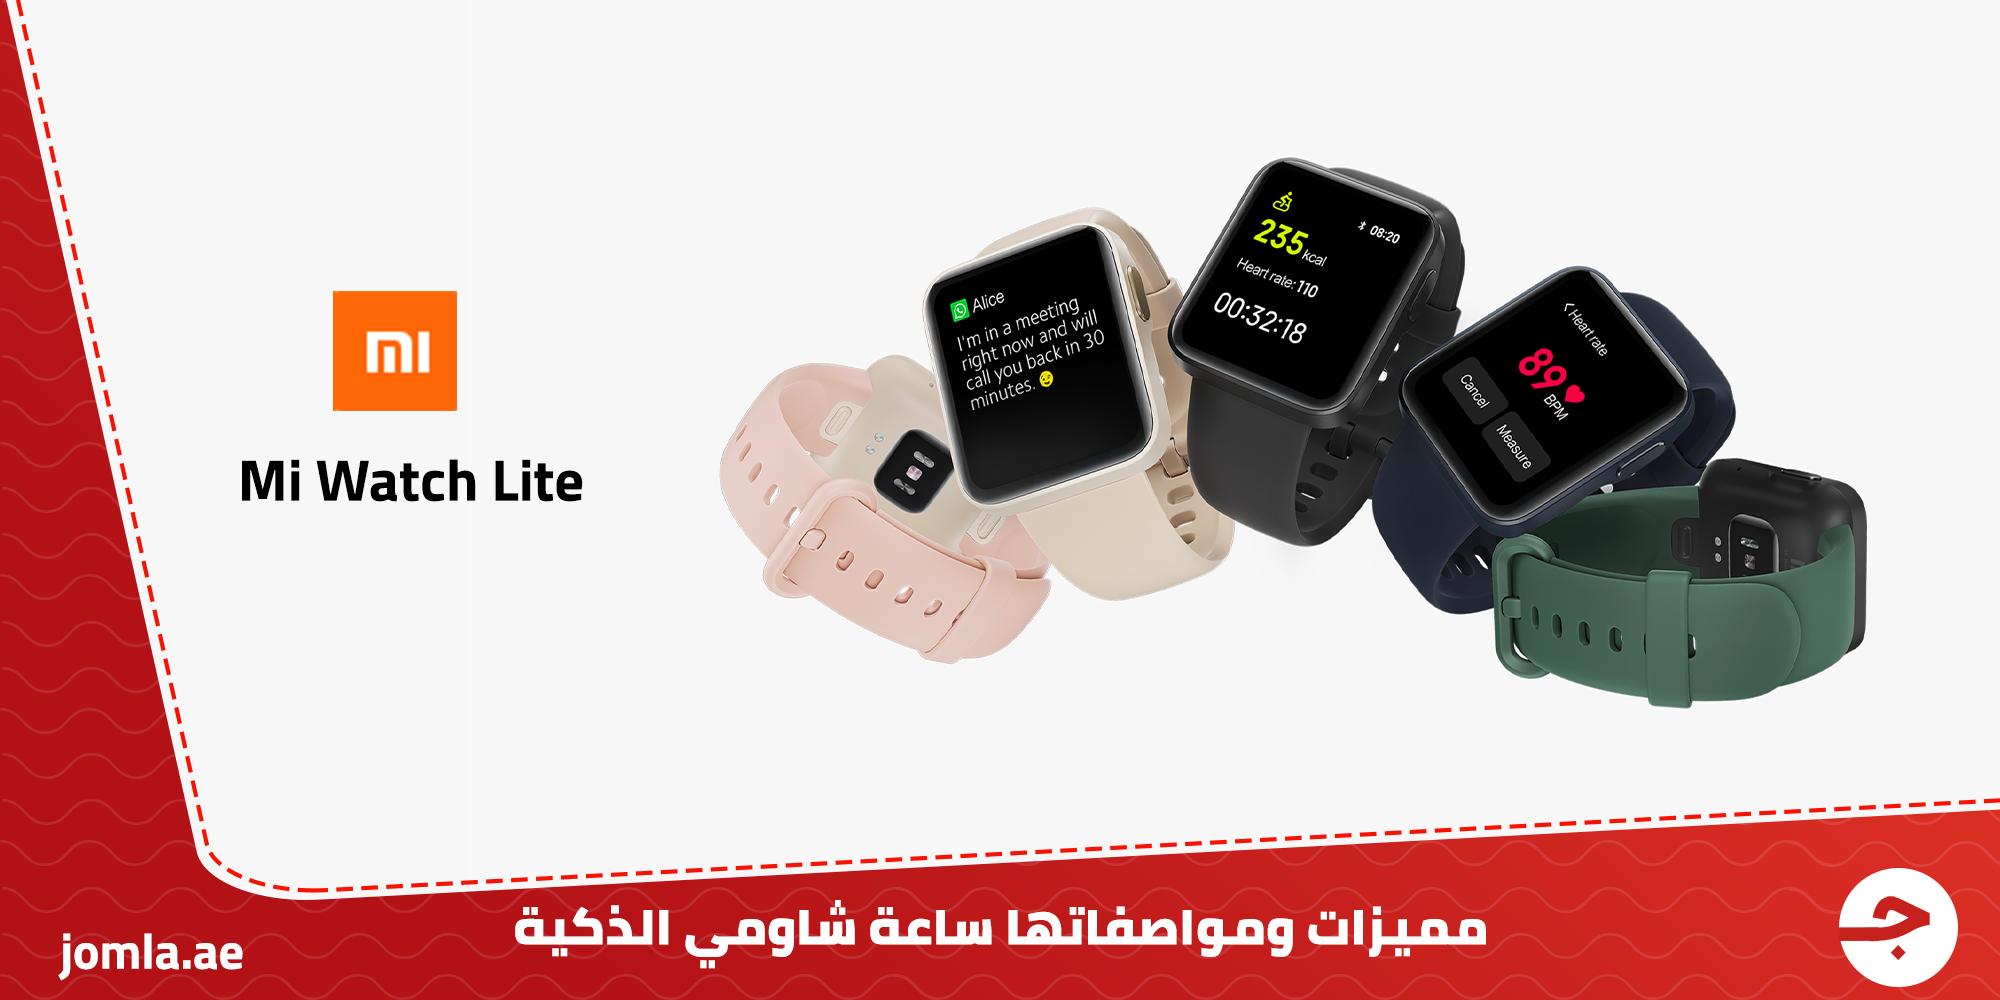 مميزات Mi Watch Lite ومواصفاتها: الساعة الذكية من شاومي